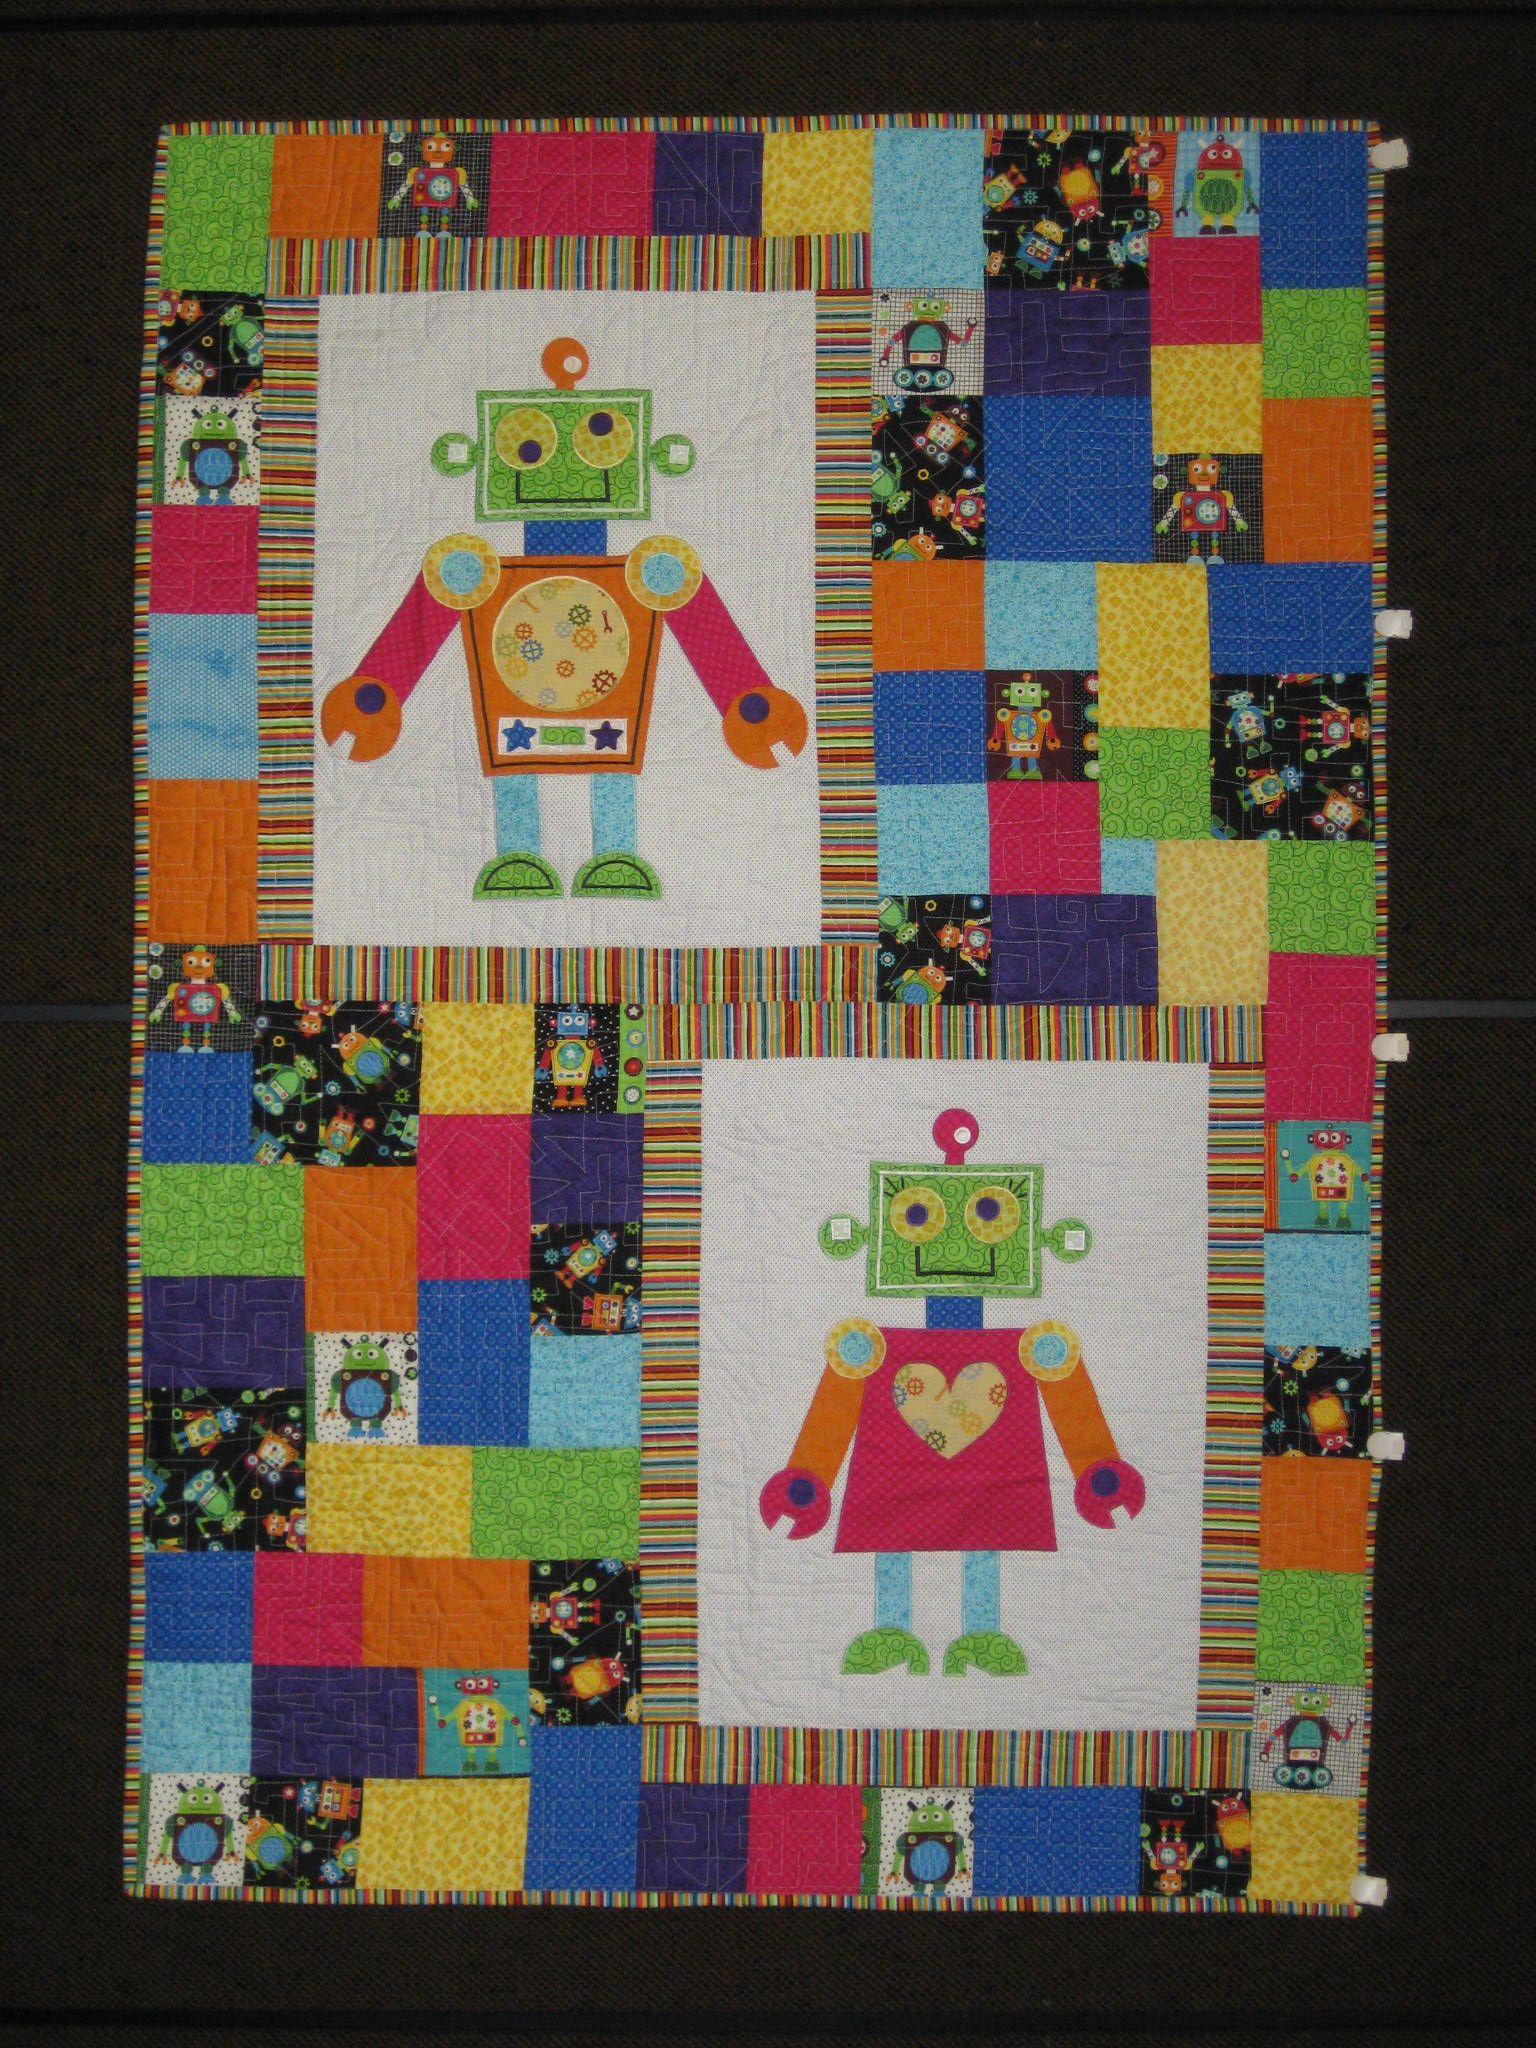 Quorra 39 s robot quilt quilts pinterest for Robot quilt fabric